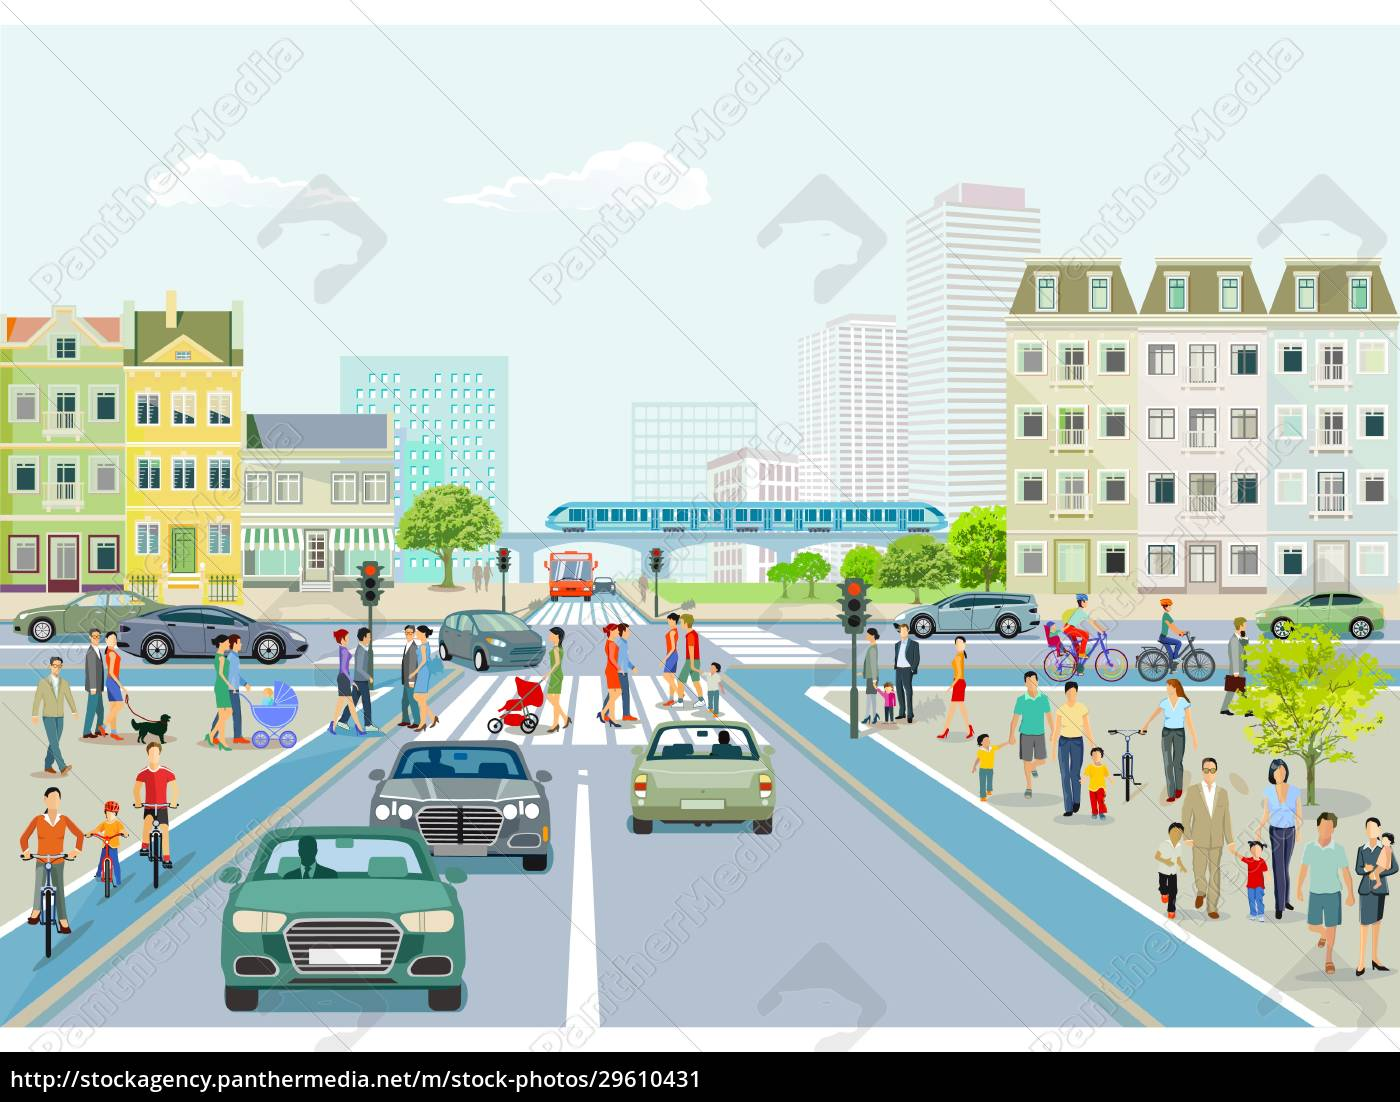 stadt, mit, straßenverkehr, wolkenkratzern, mehrfamilienhäusern, und, fußgängern, auf - 29610431